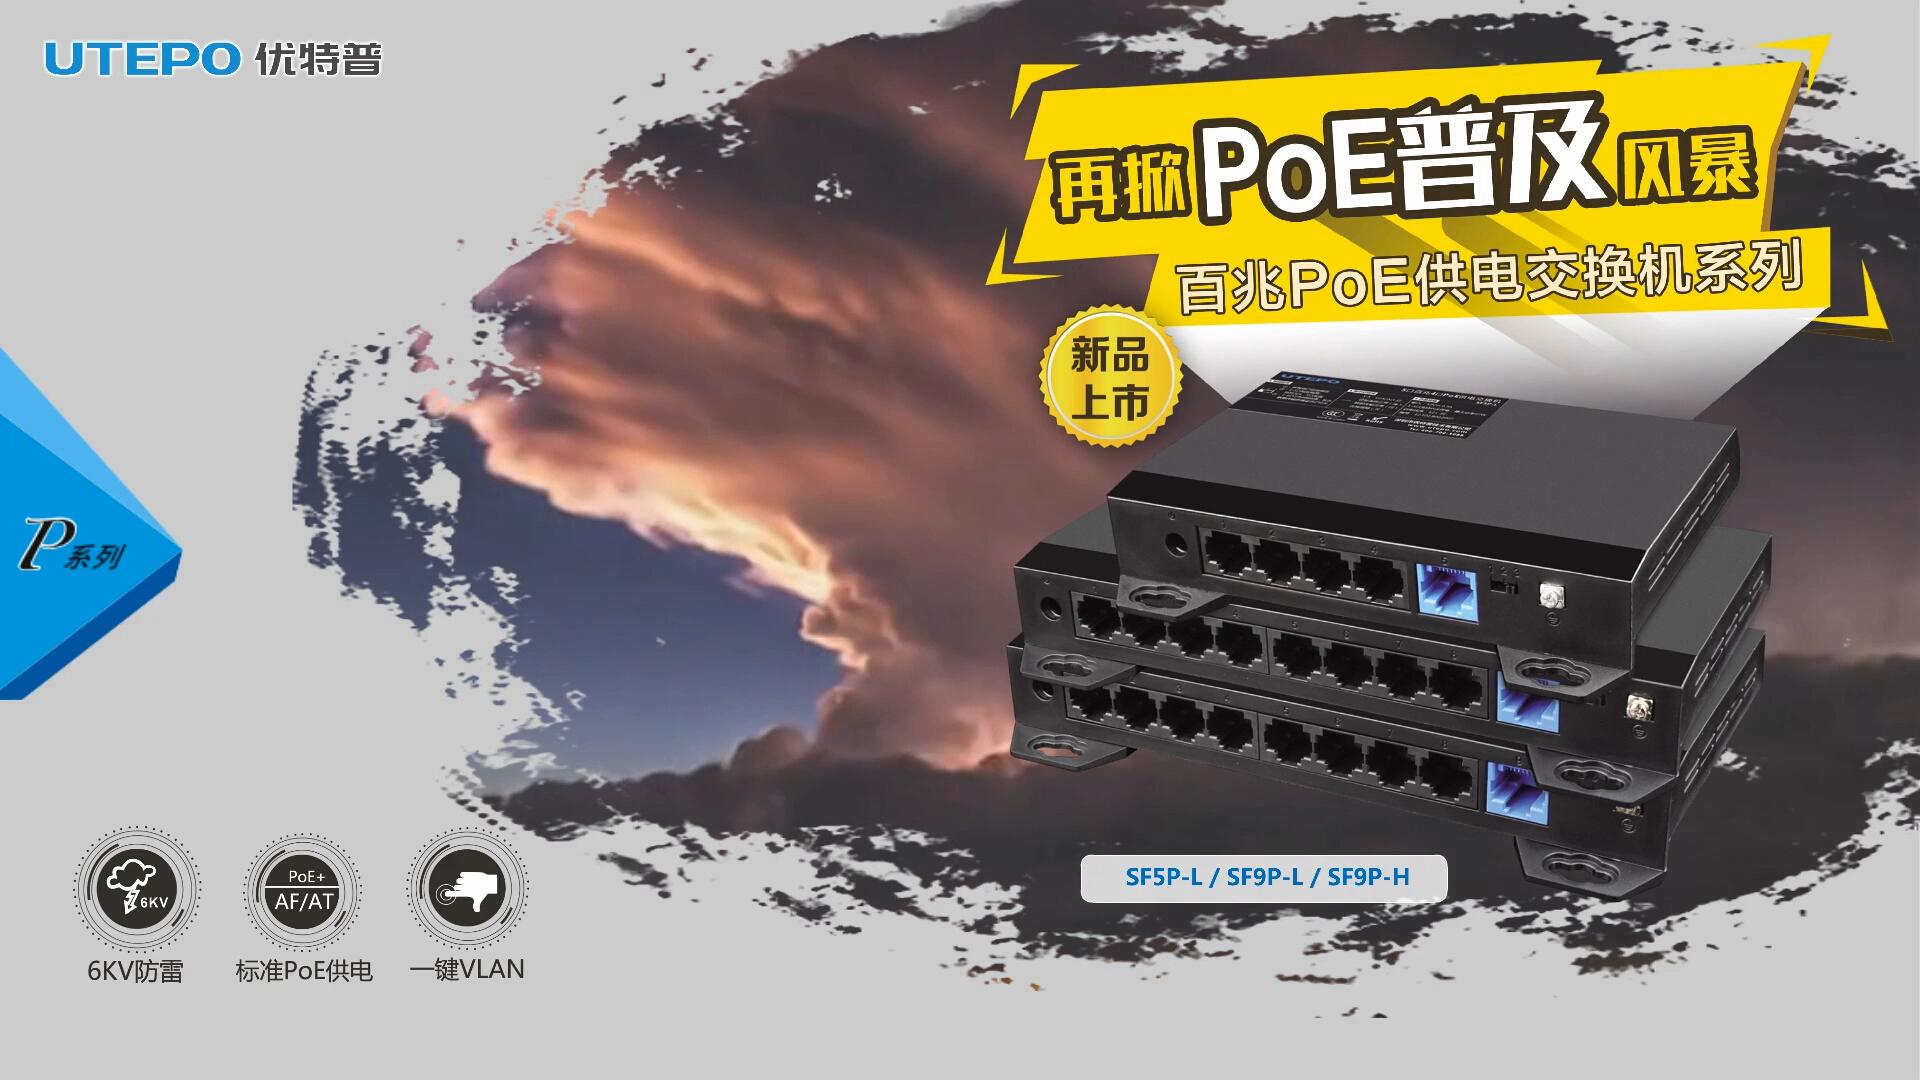 再掀PoE普及风暴,优特普P系列百兆PoE供电交换机全新上市!